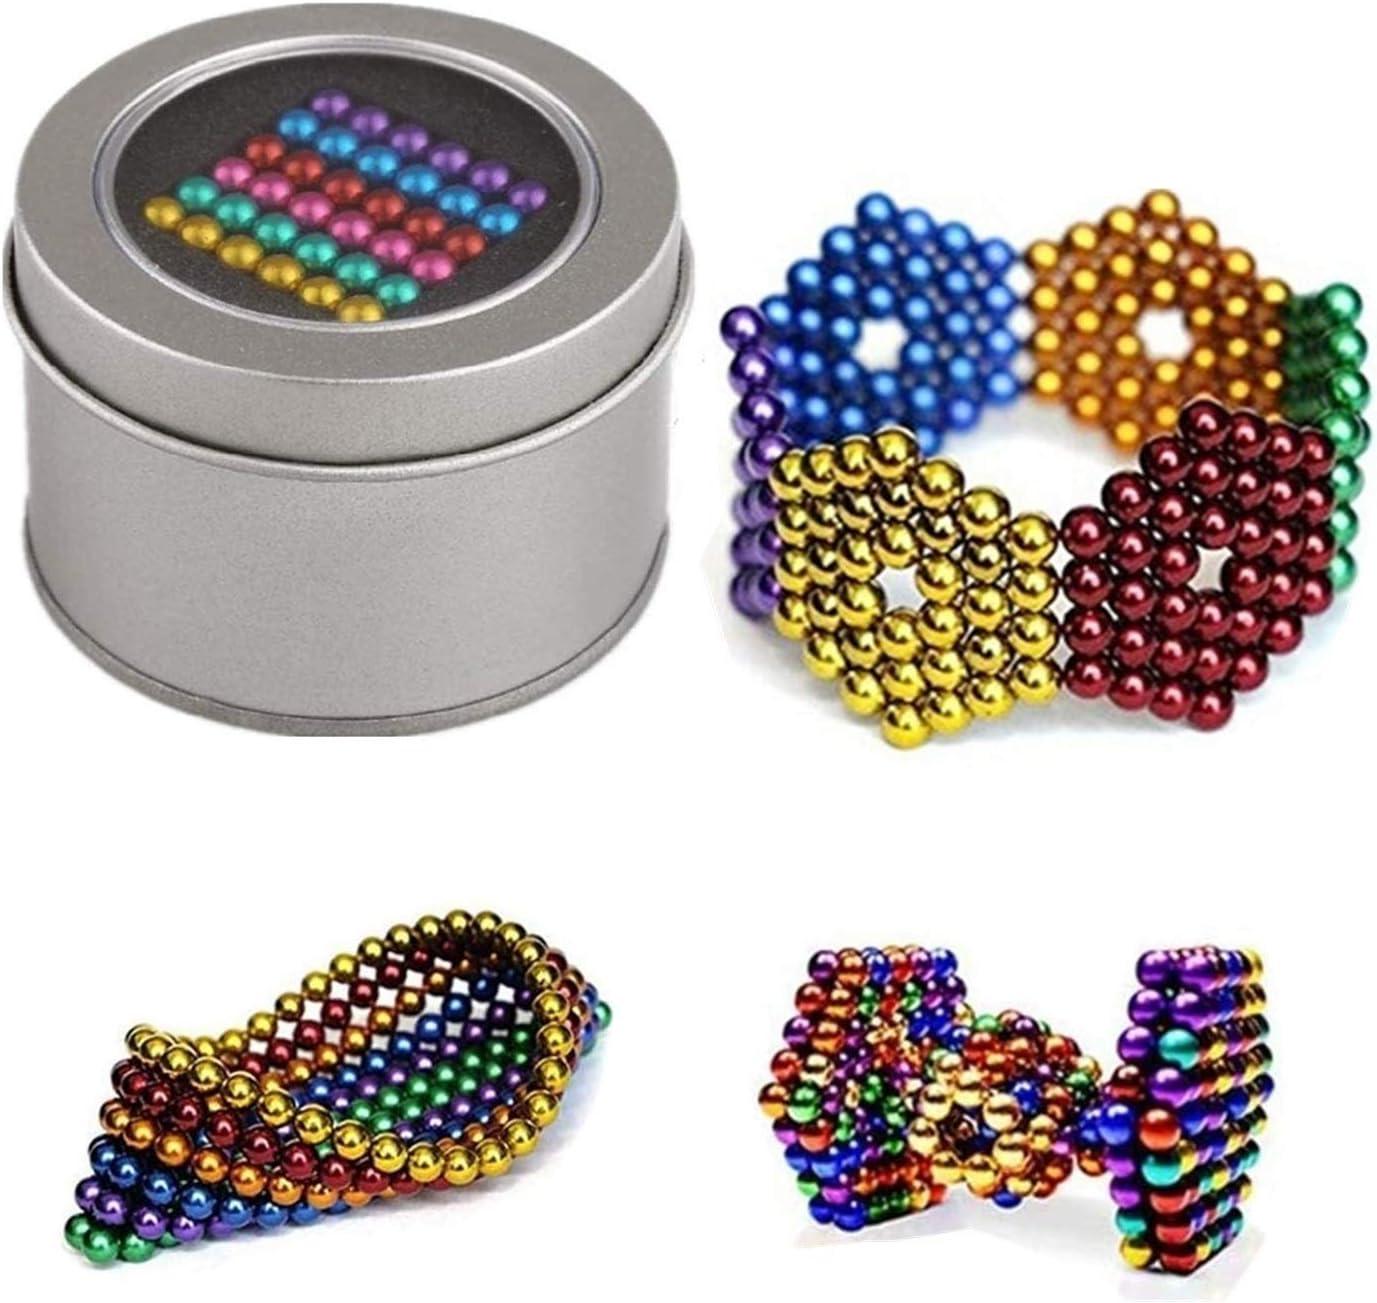 Pachock Juguete Cubo Puzzle Cubo Inteligente Twisty Cube Puzzle Fácil Giro para el Cerebro Entrenamiento Juguete para niños y Adultos